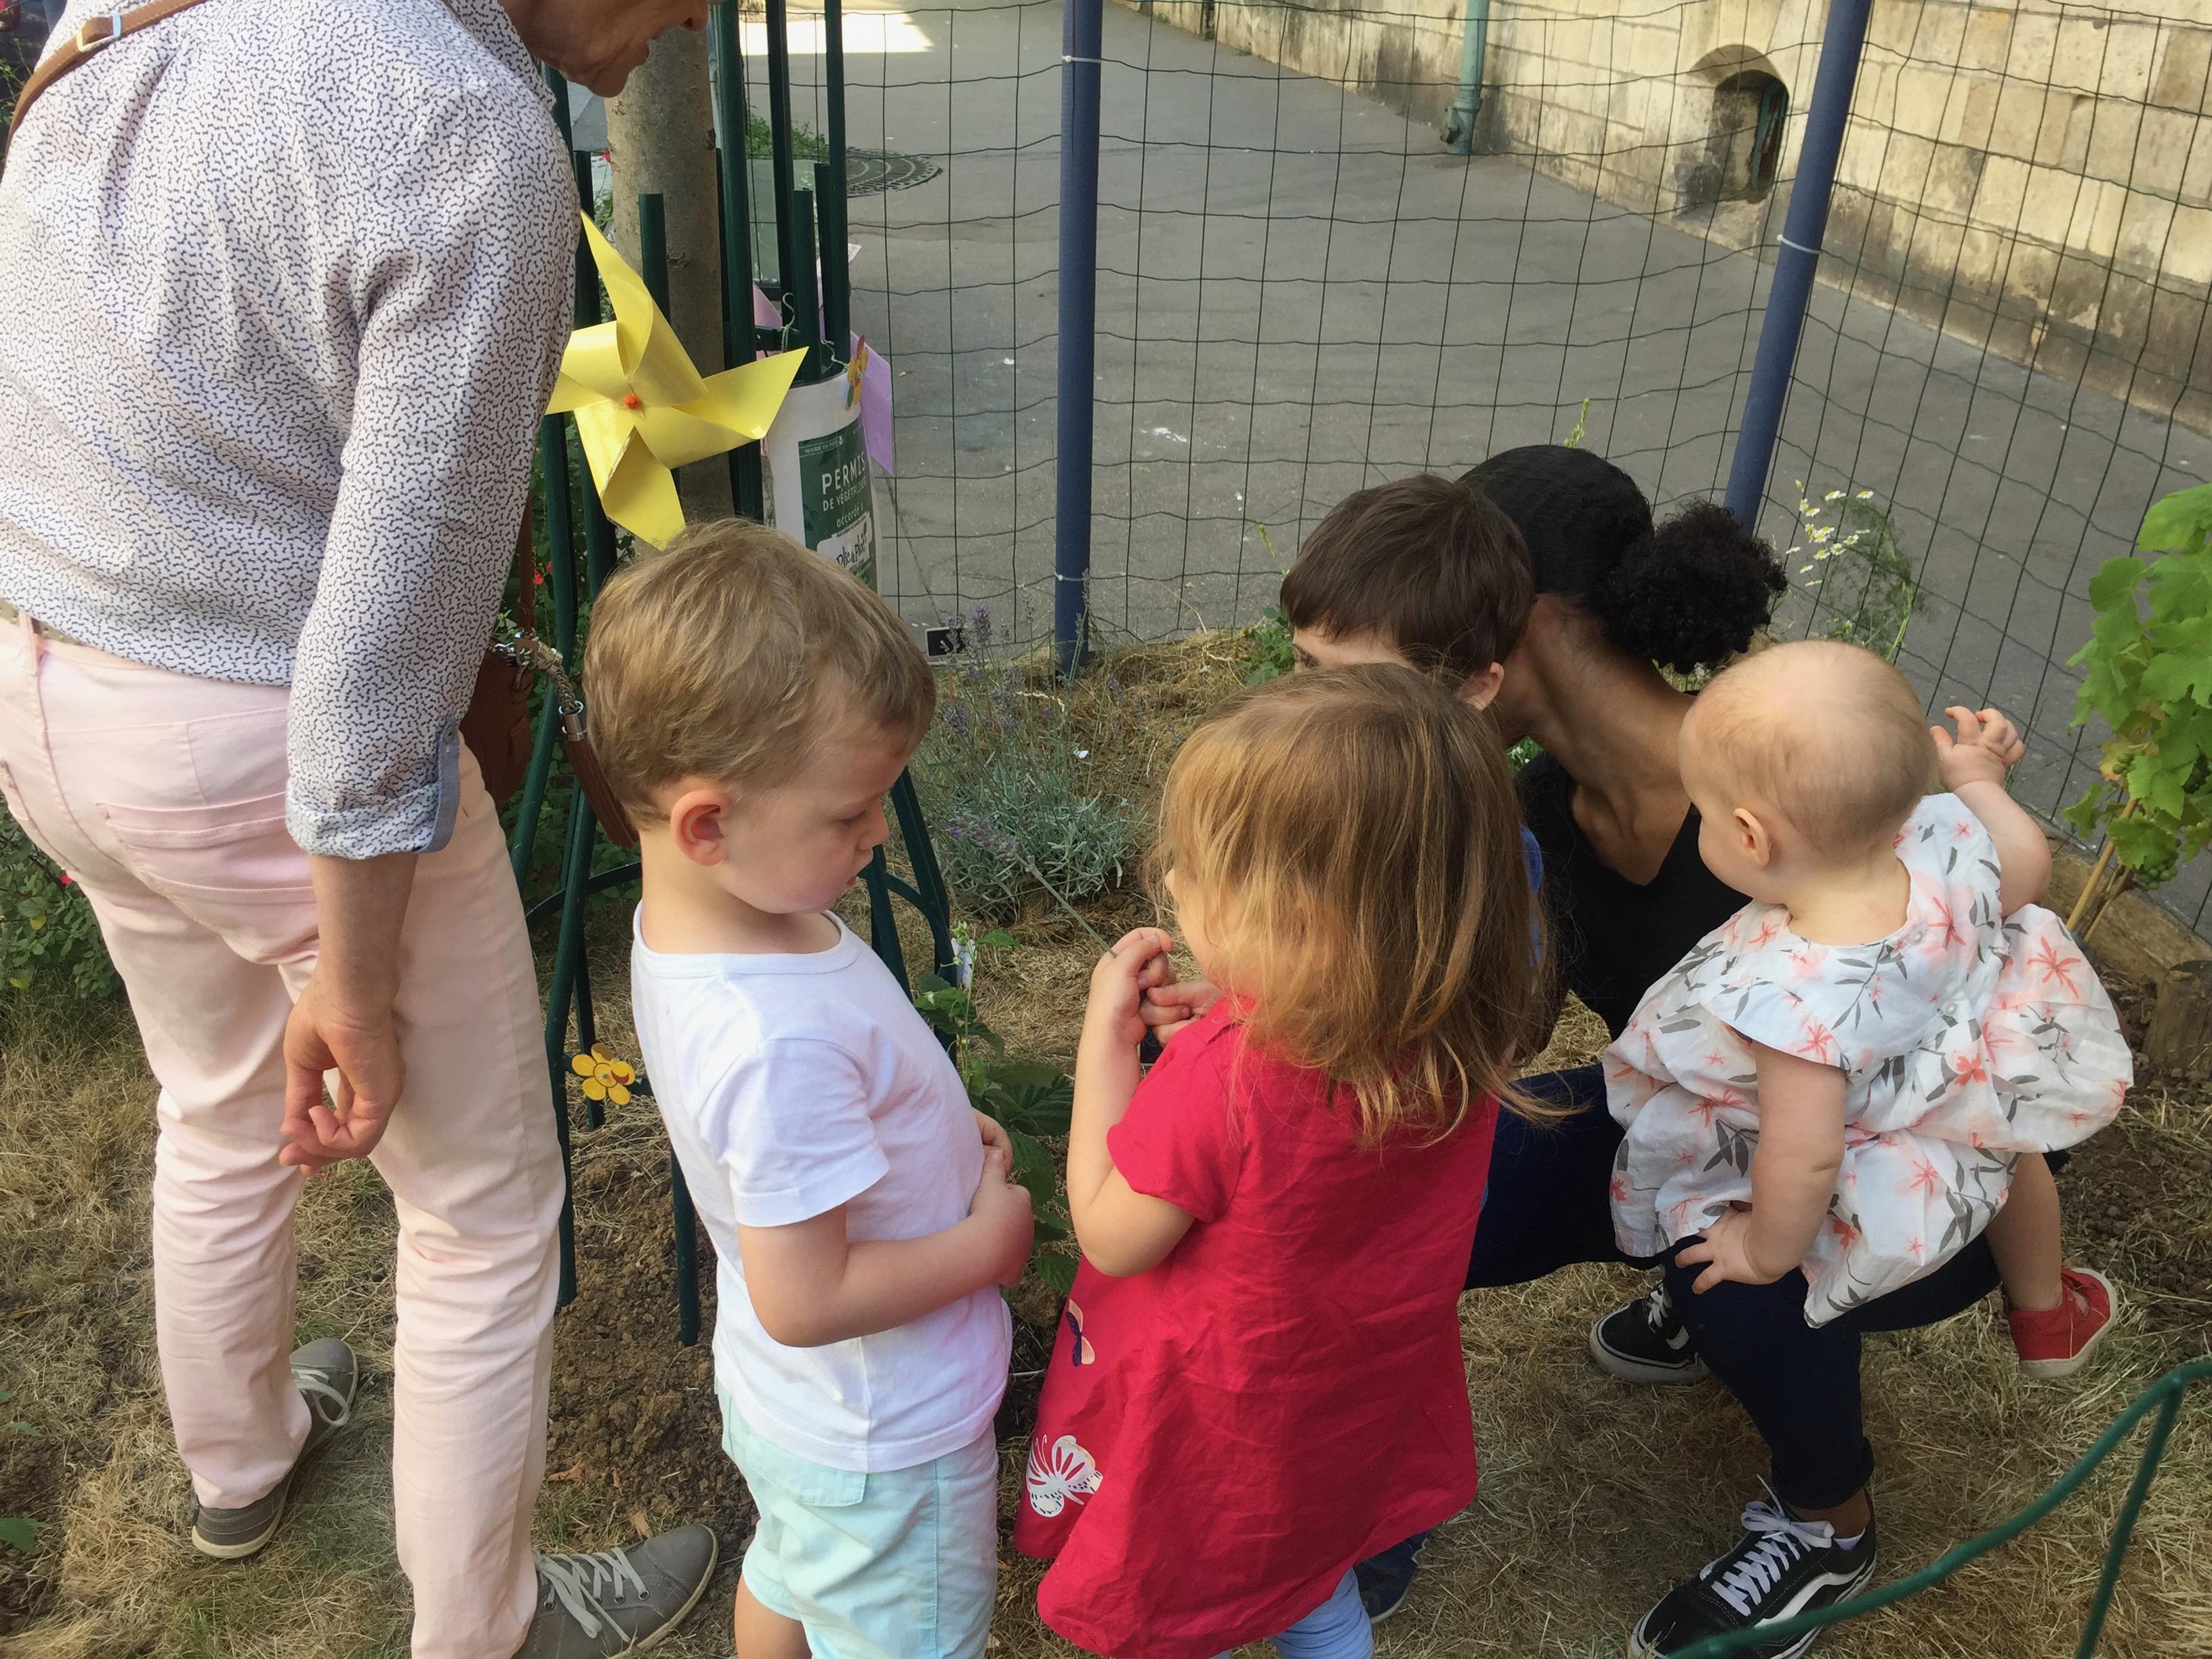 enfants et adultes au pied de l